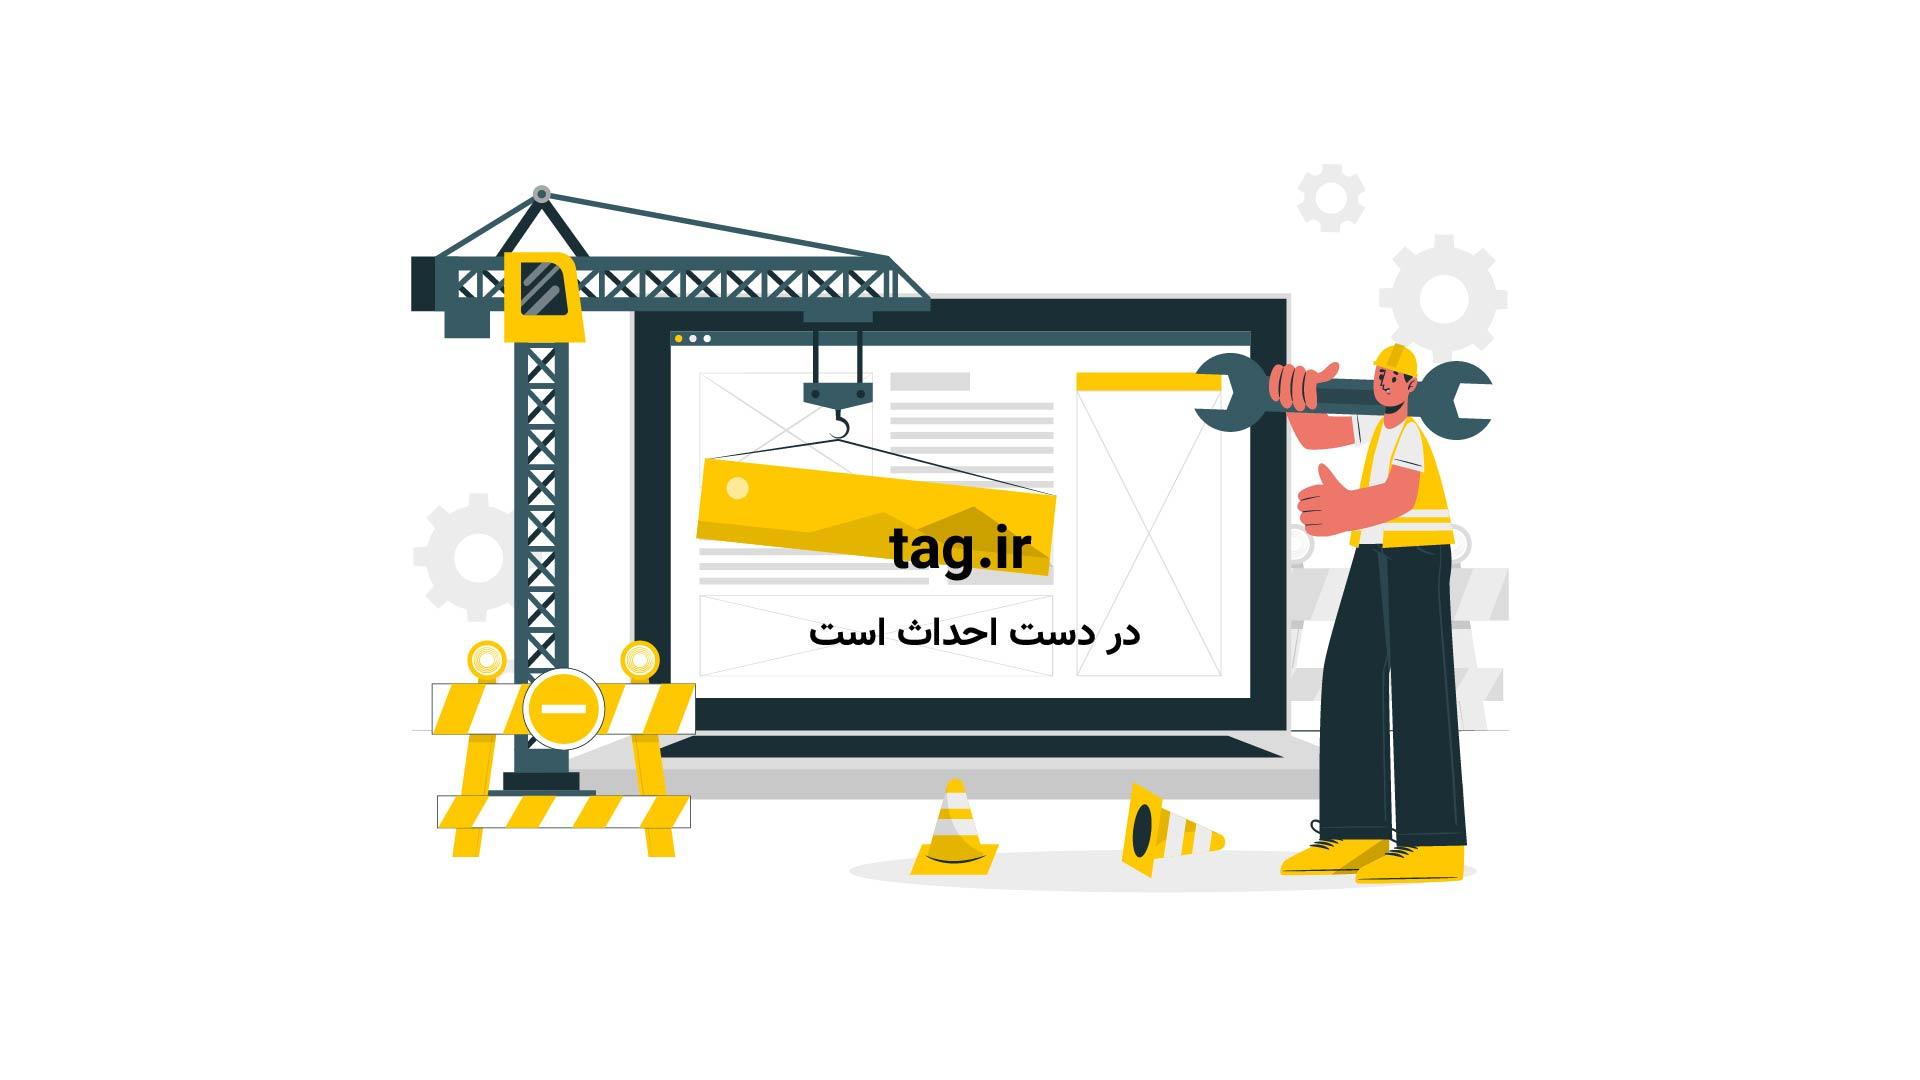 پسربچه چینی که در خیابان تمرین رانندگی میکند|تگ